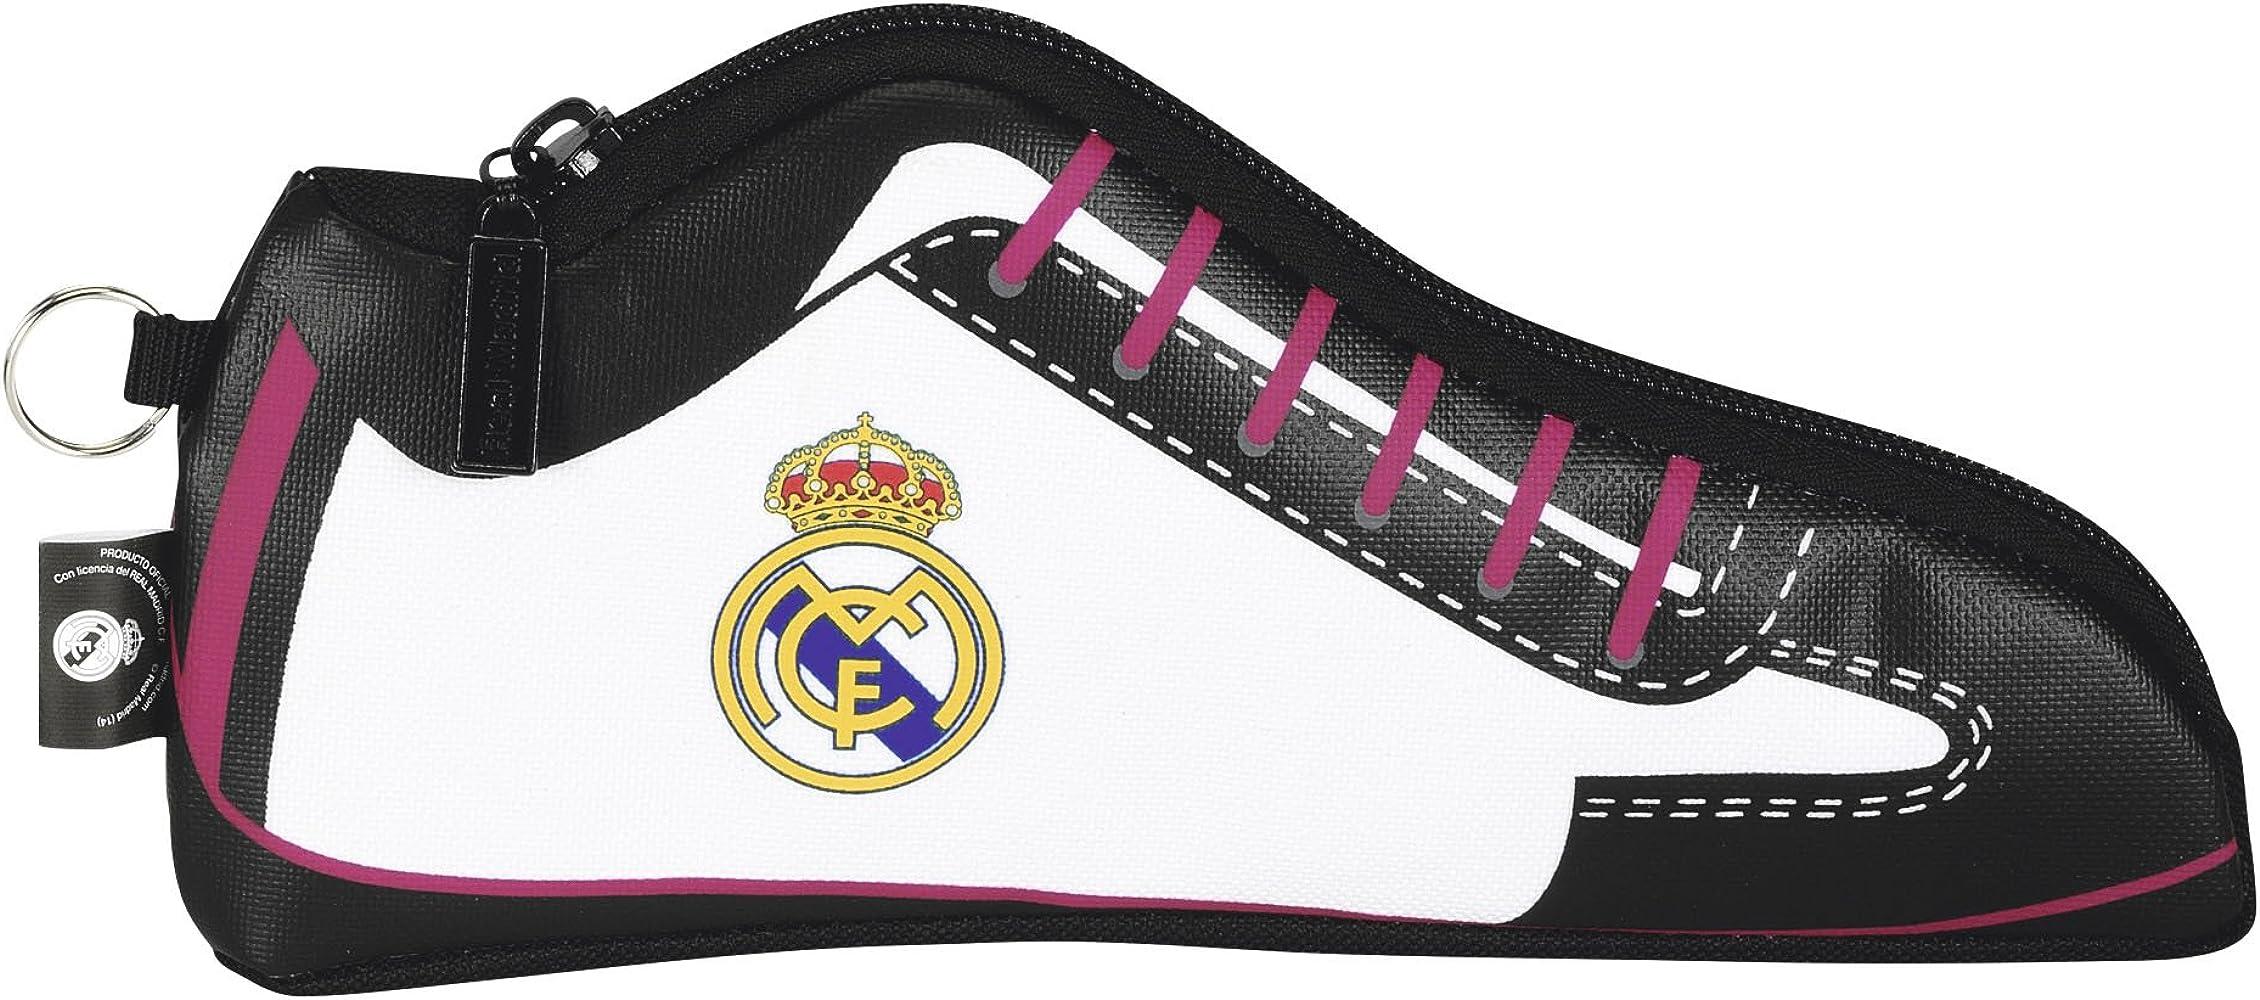 Safta Real Madrid-Estuche portatodo Zapatilla 811457584: Amazon.es: Ropa y accesorios